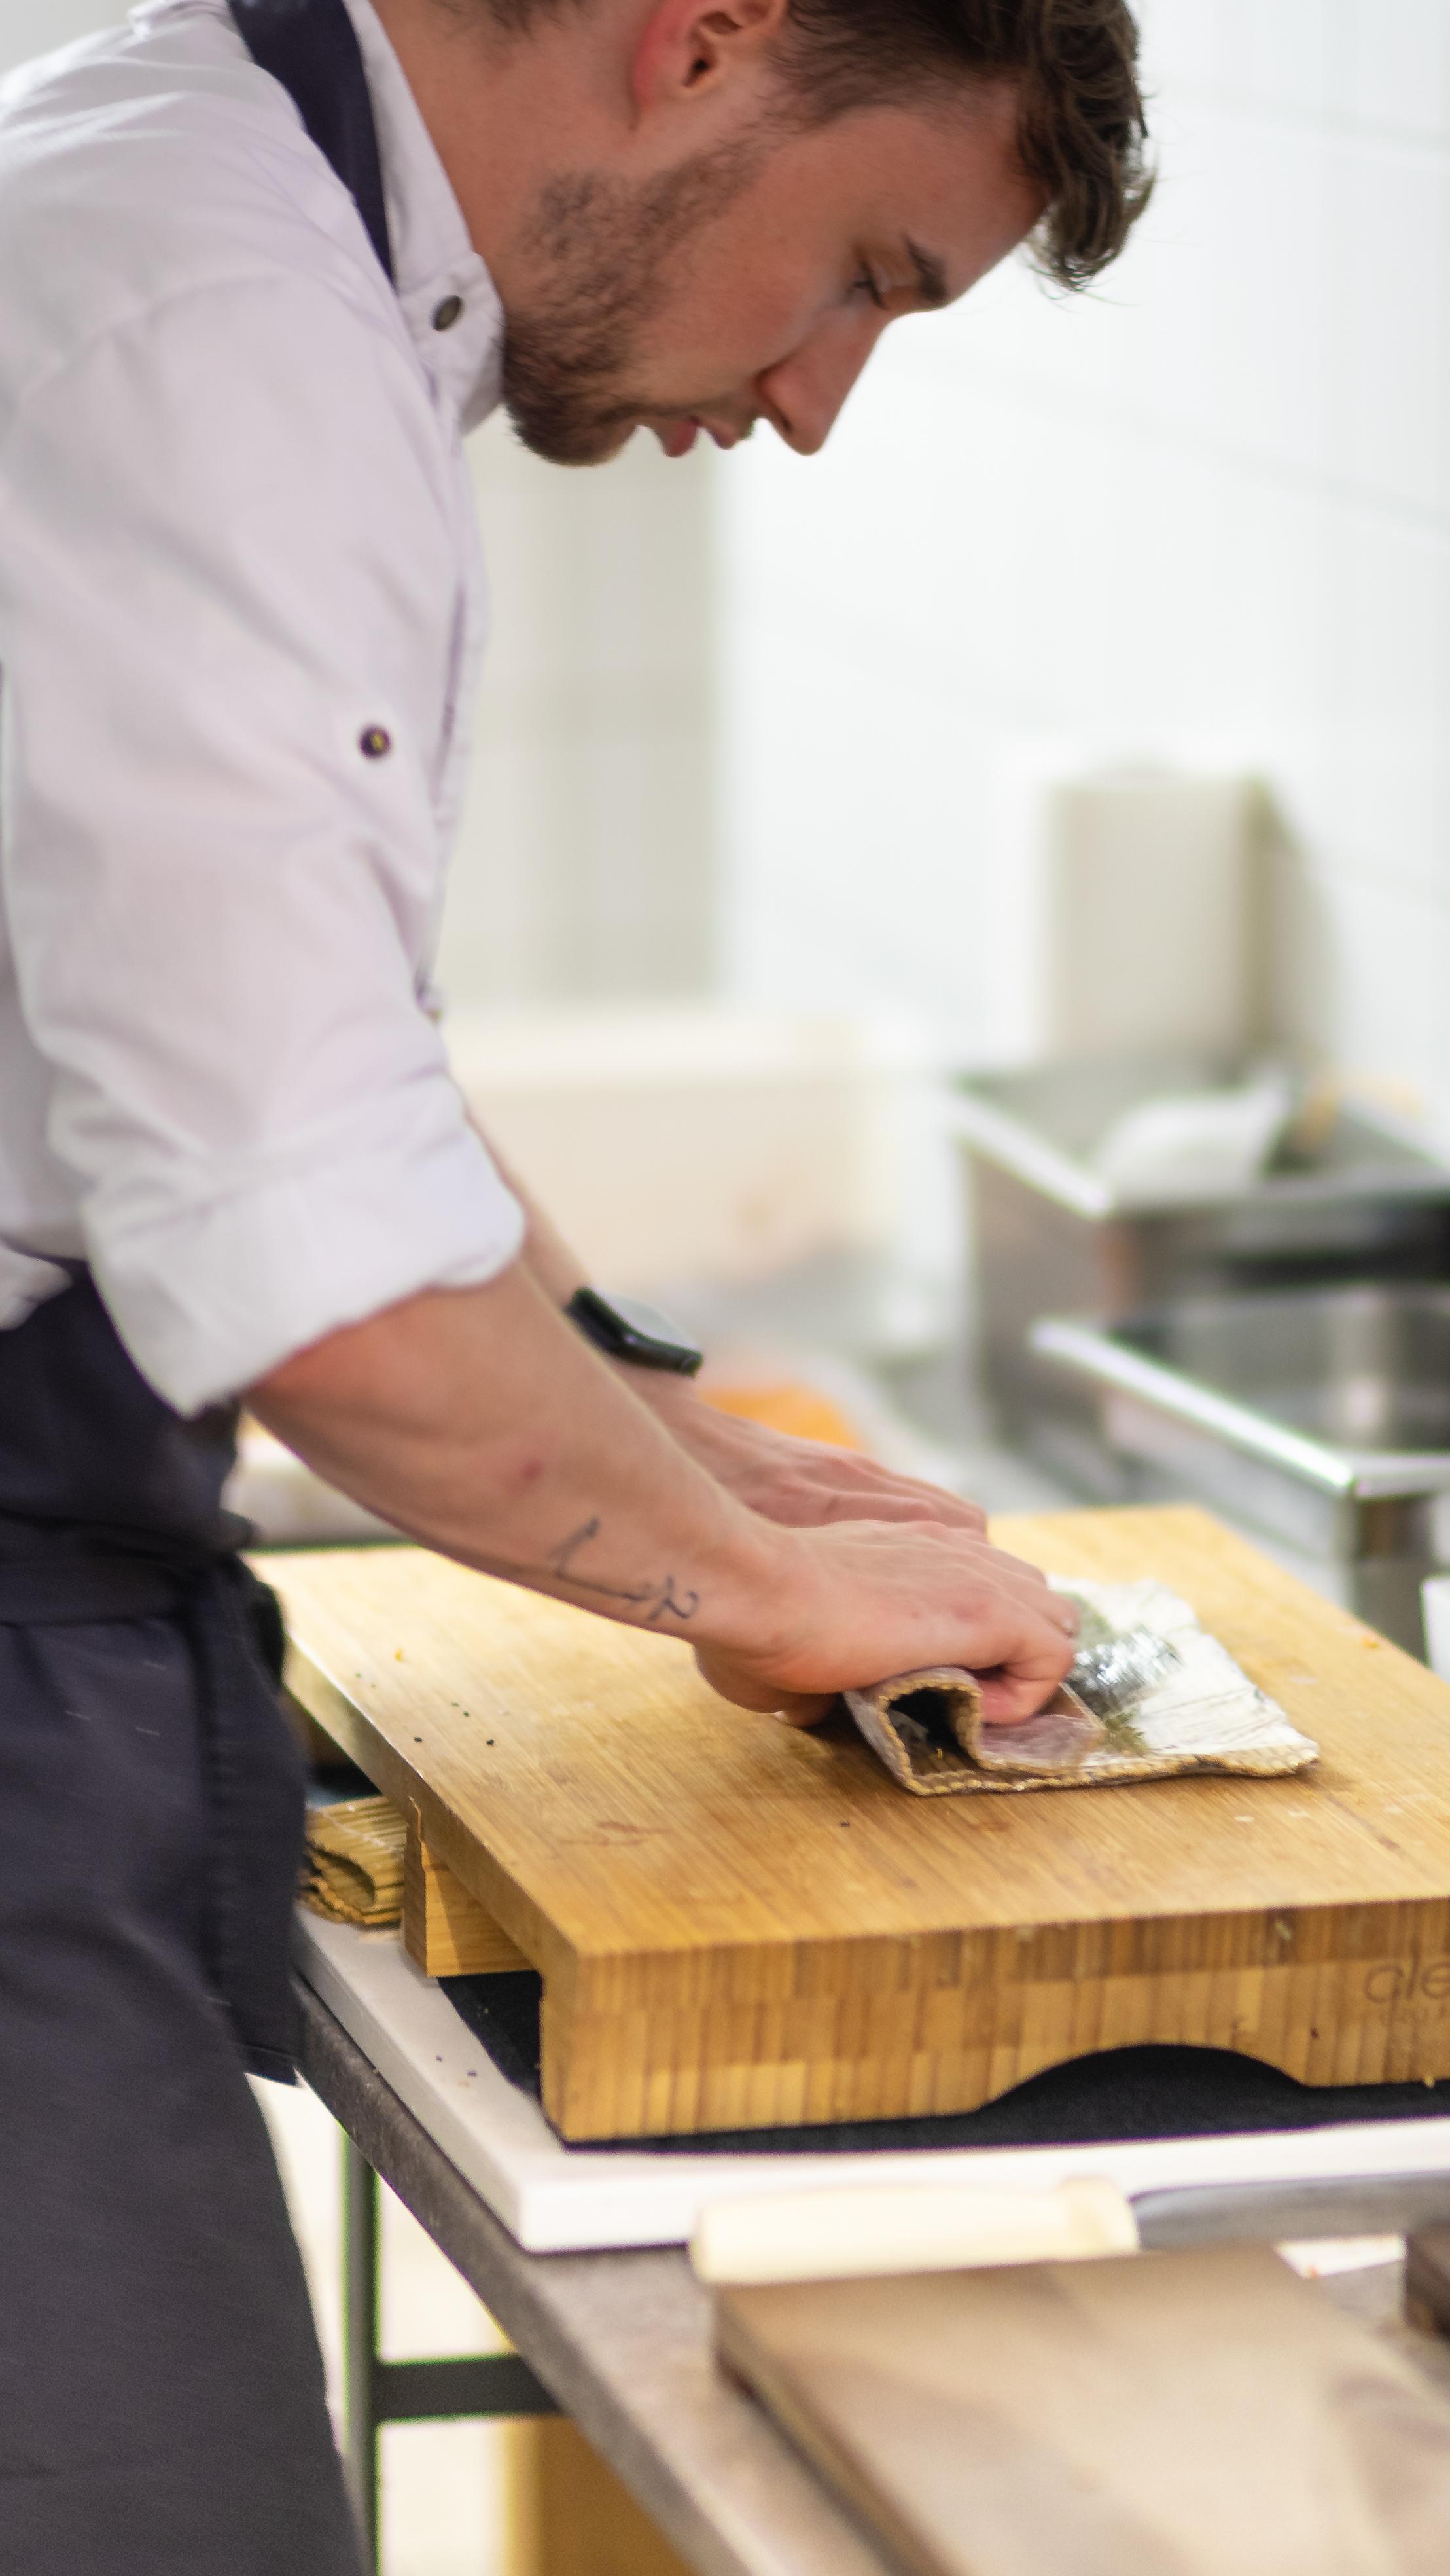 Seesushi in der Zubereitung © Thomas Lahnsteiner